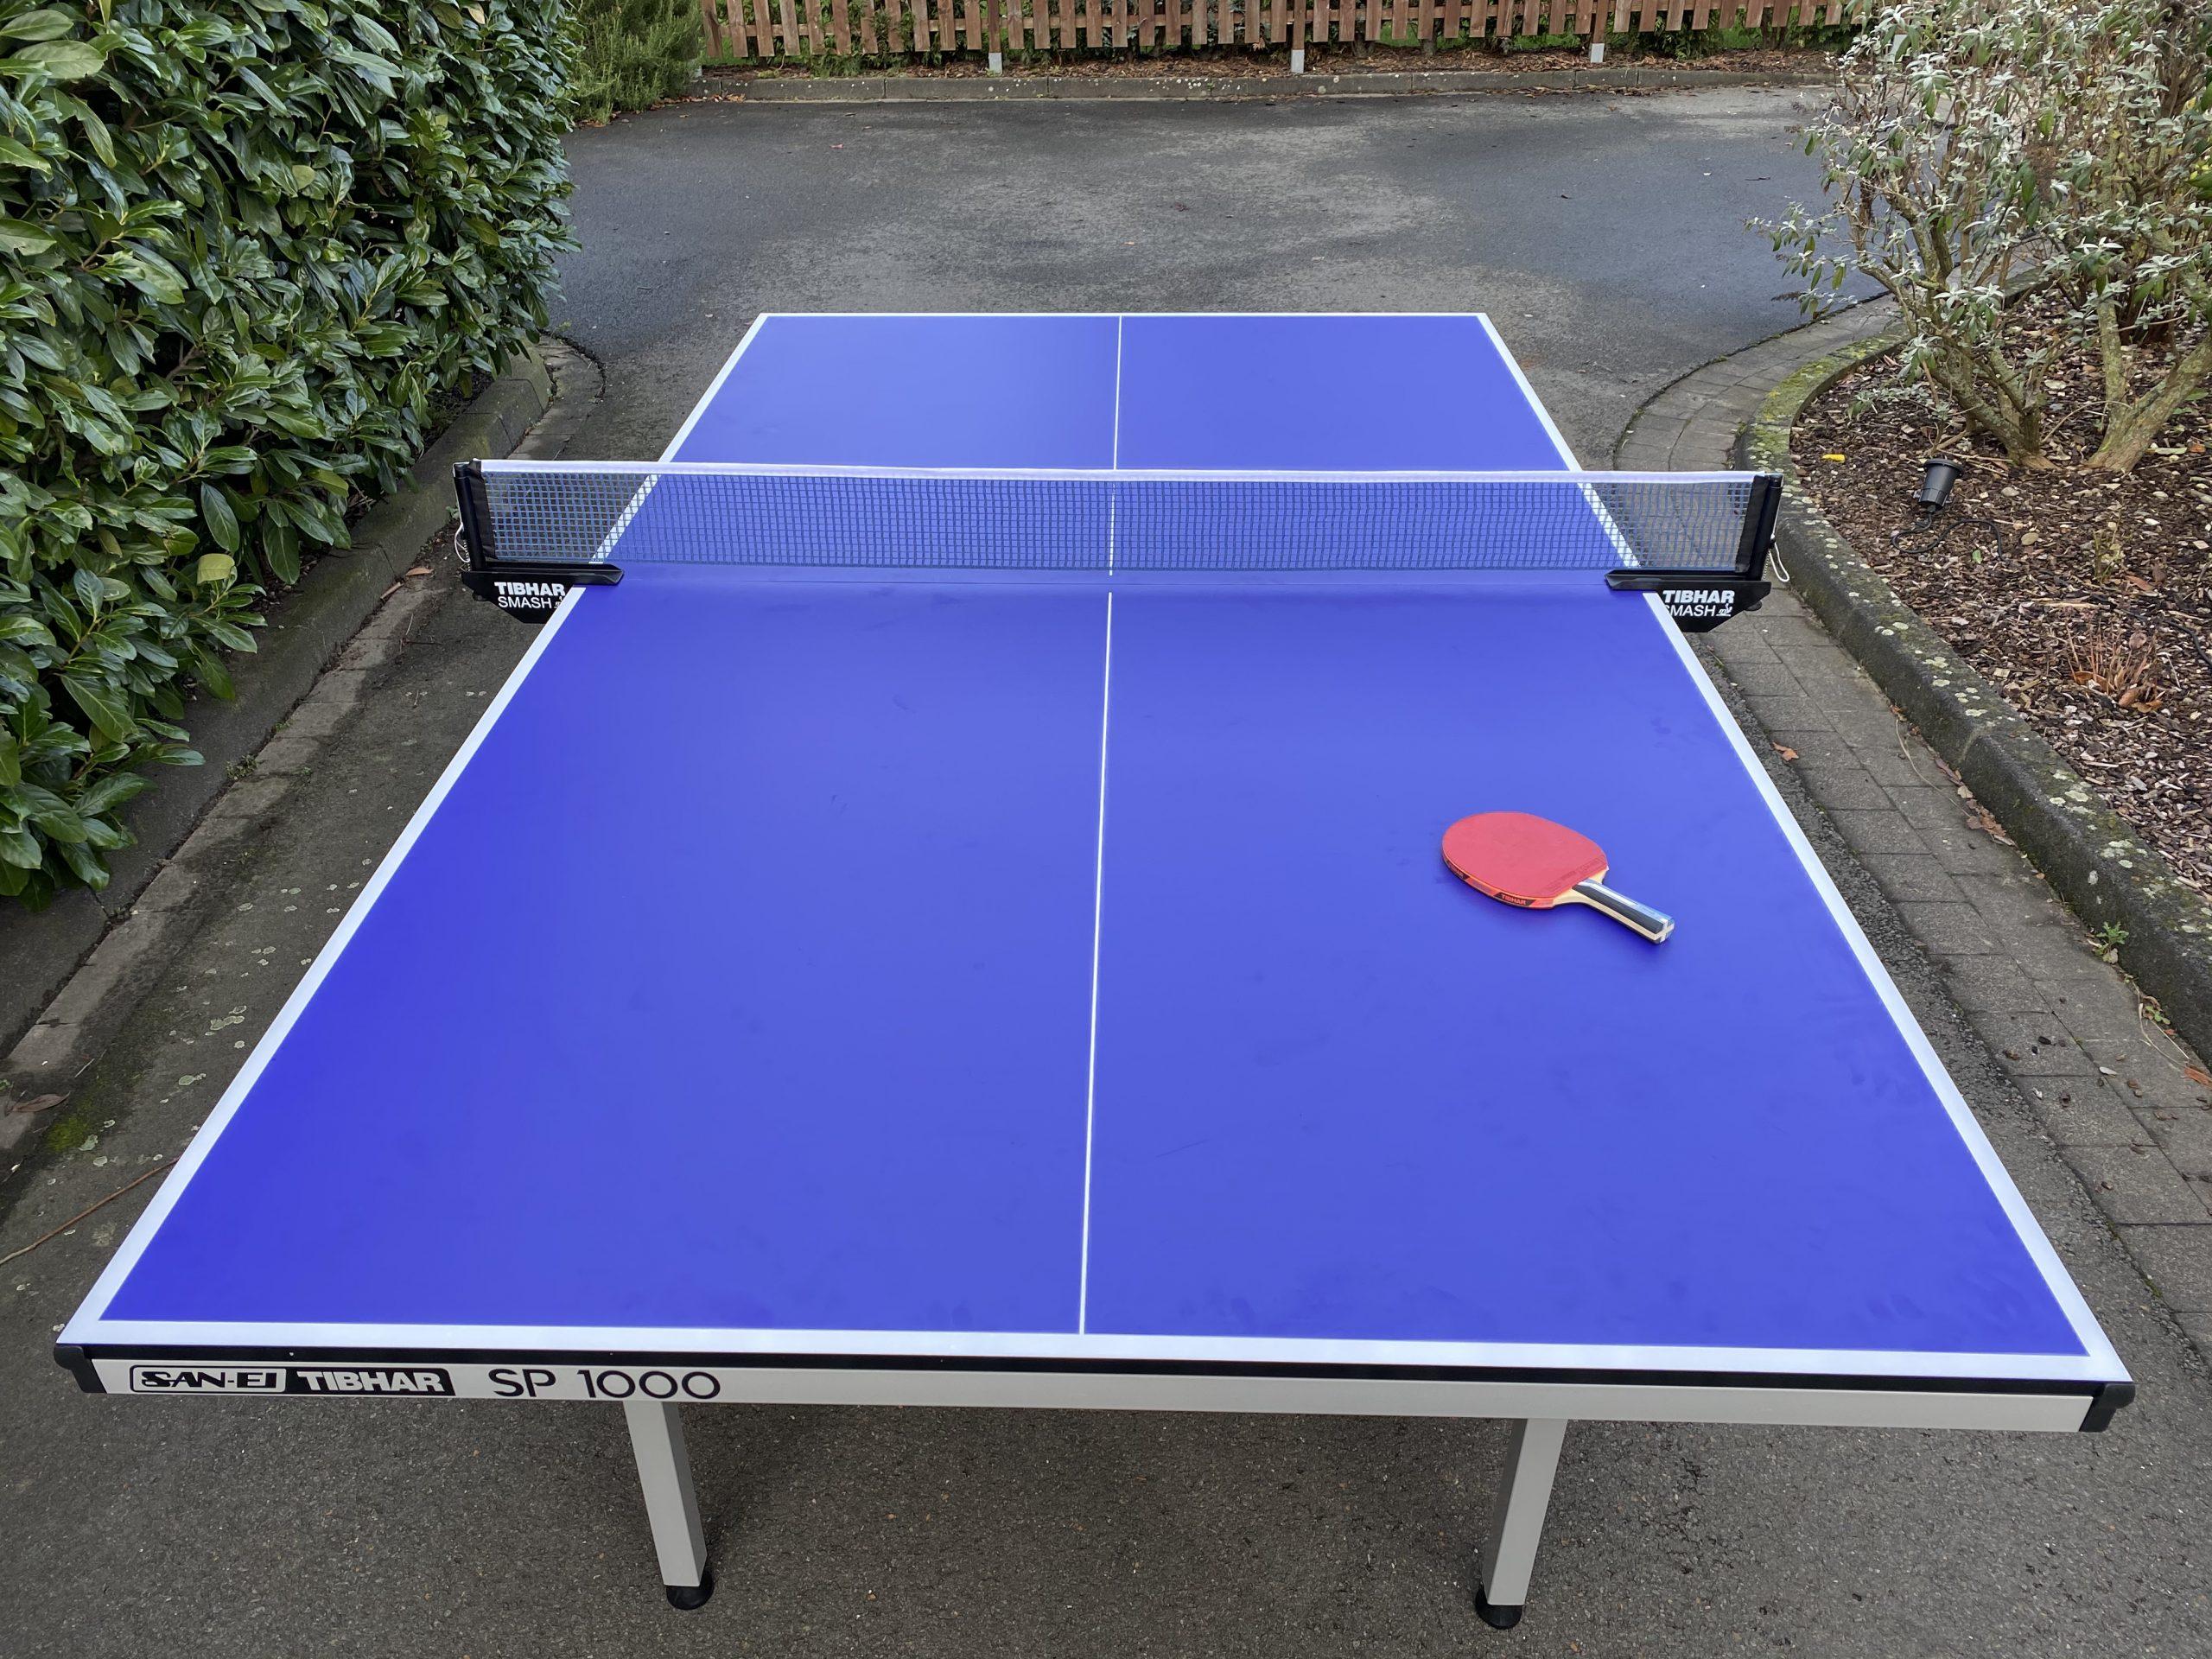 Tischtennisplatte San-Ei / Tibhar SP 1000 für Einsteiger